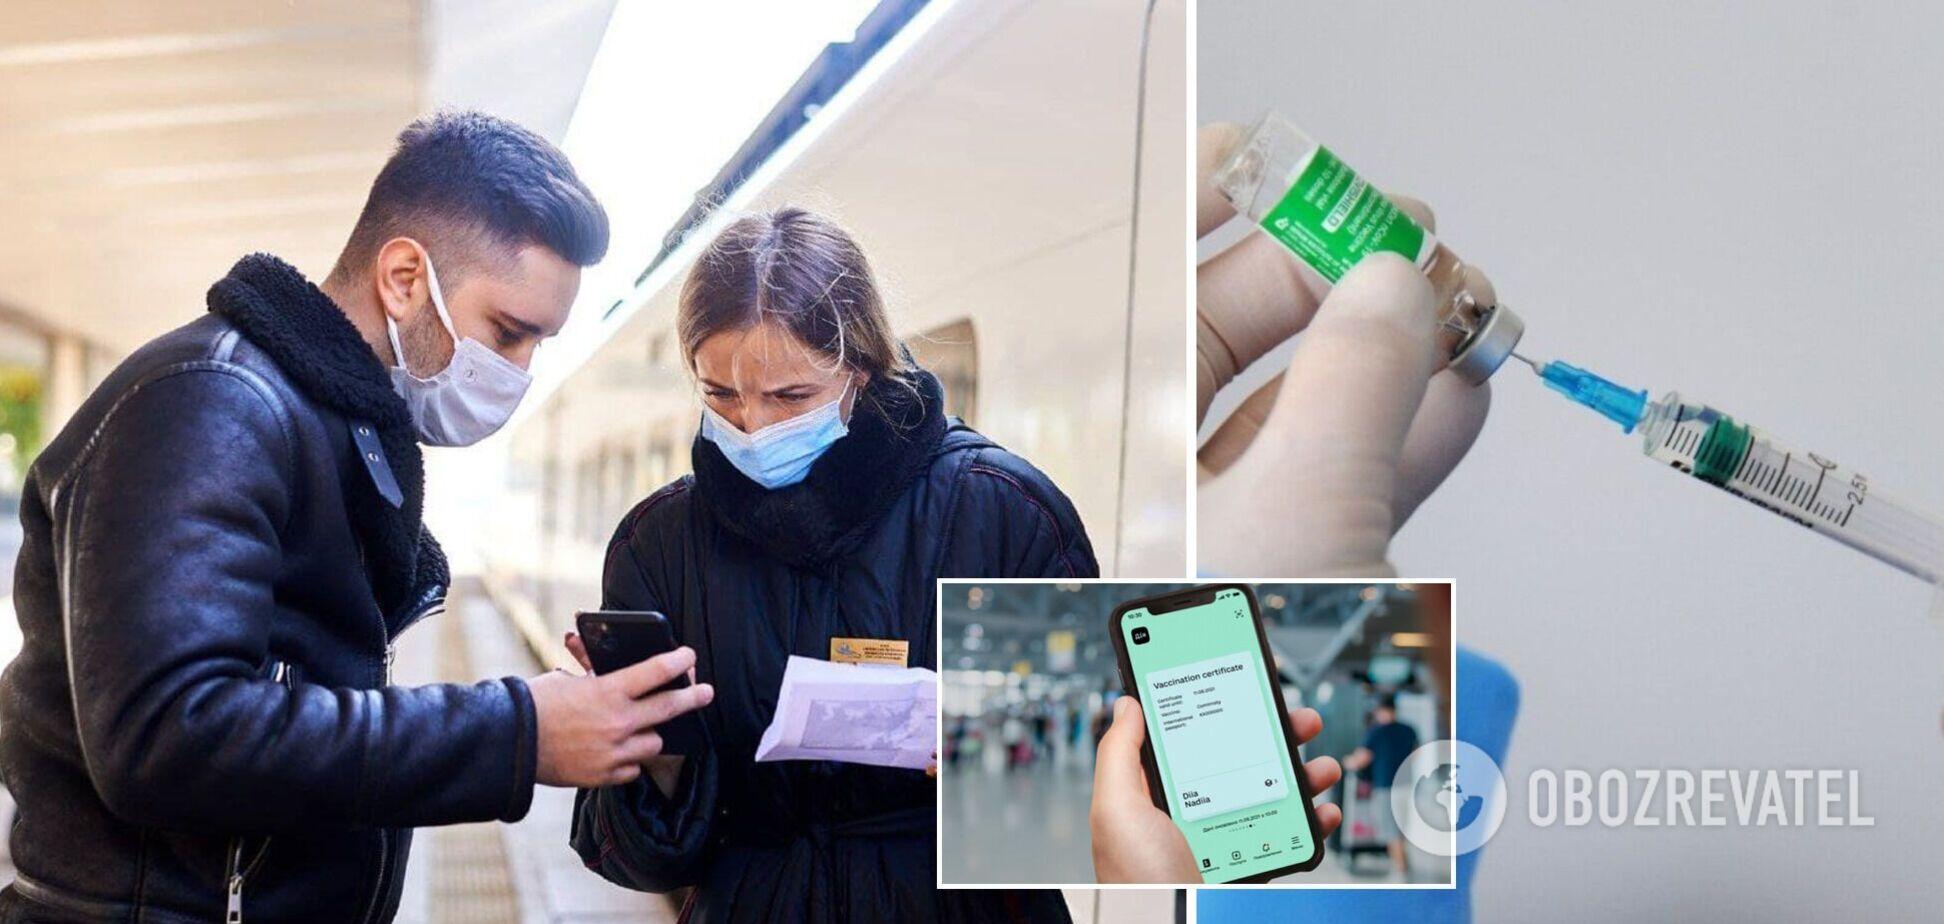 Пункты вакцинации против COVID-19 откроют на железнодорожных вокзалах всех областных центров: названа дата